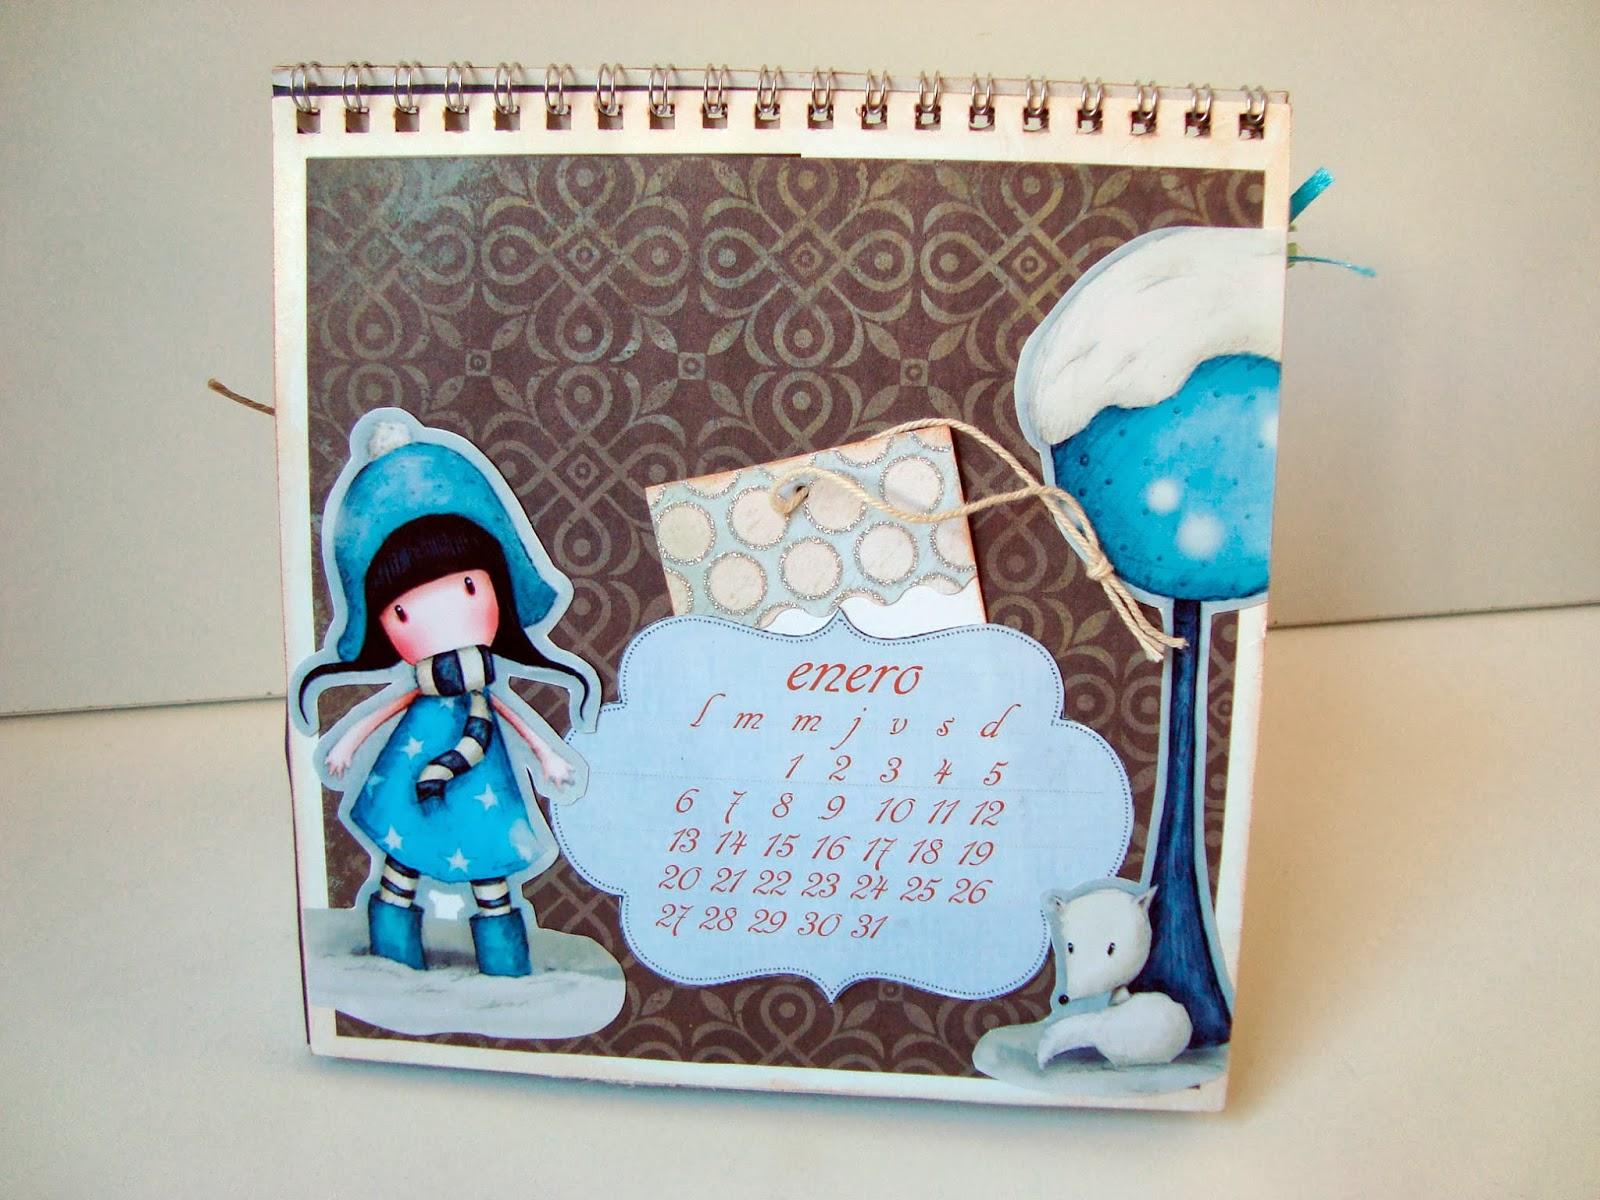 calendario_gorjuss_enero